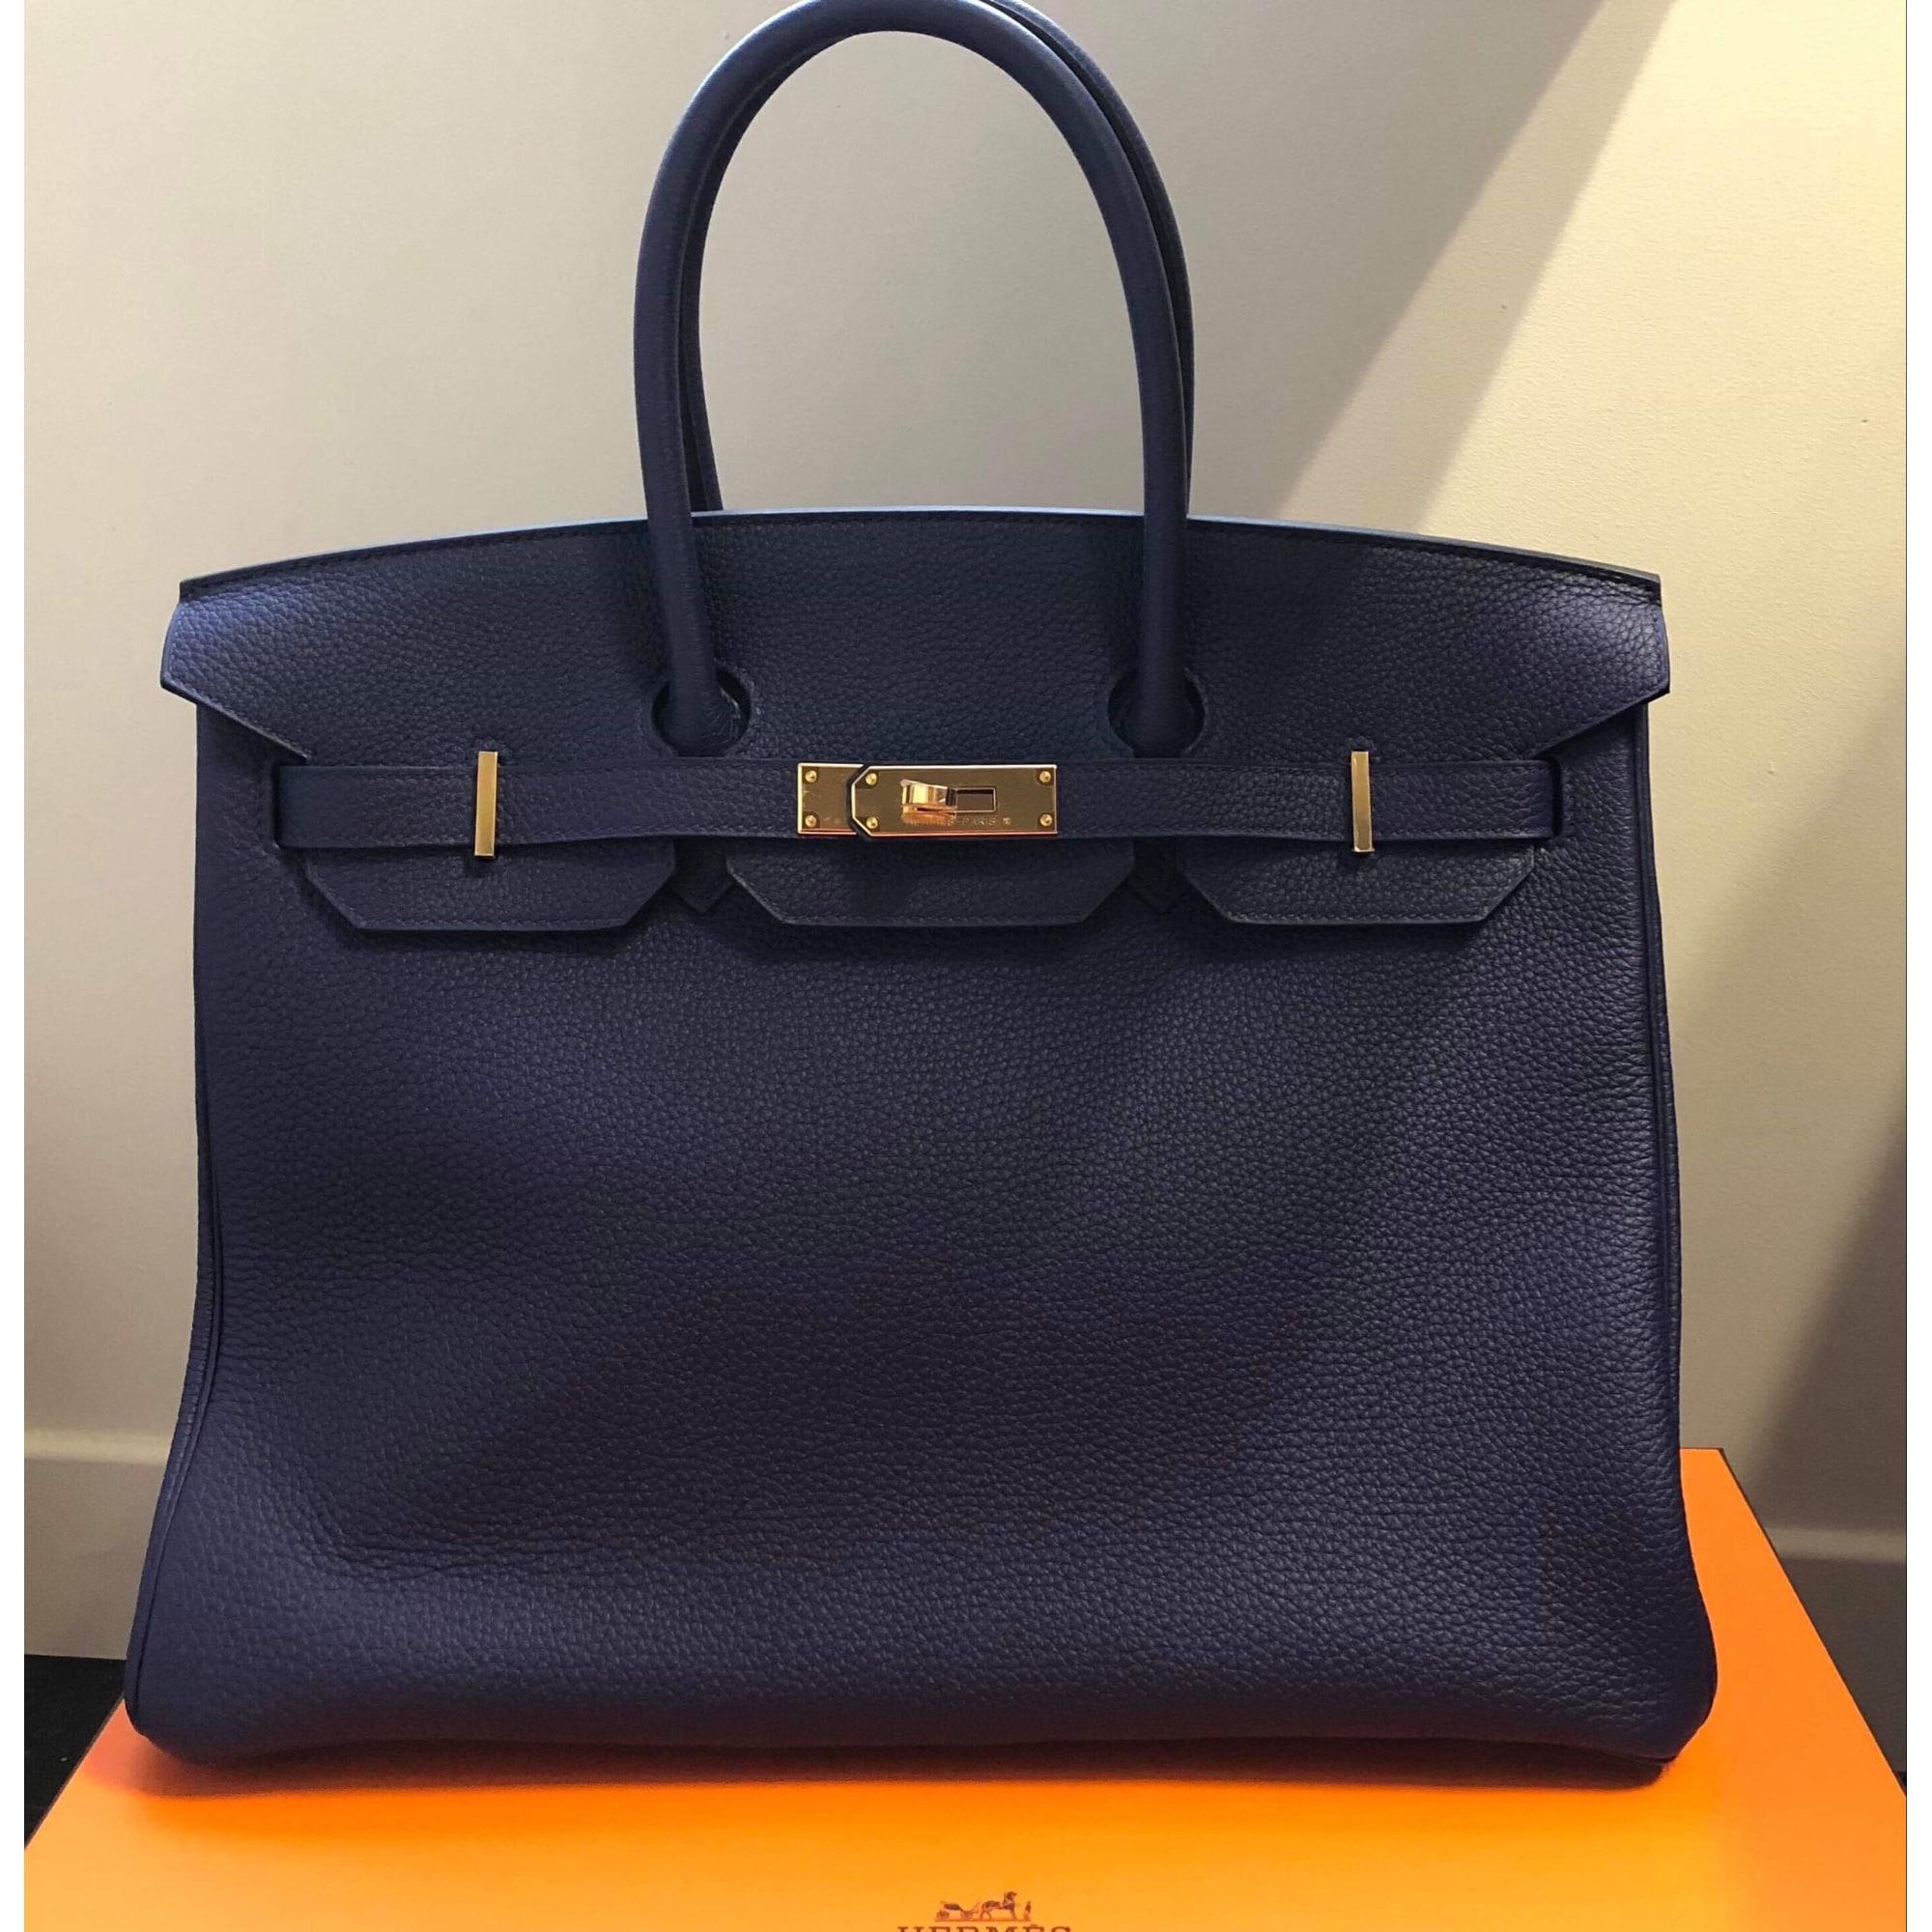 Hermès Birkin Bag en Cuir en Doré Acheter Hermès Birkin